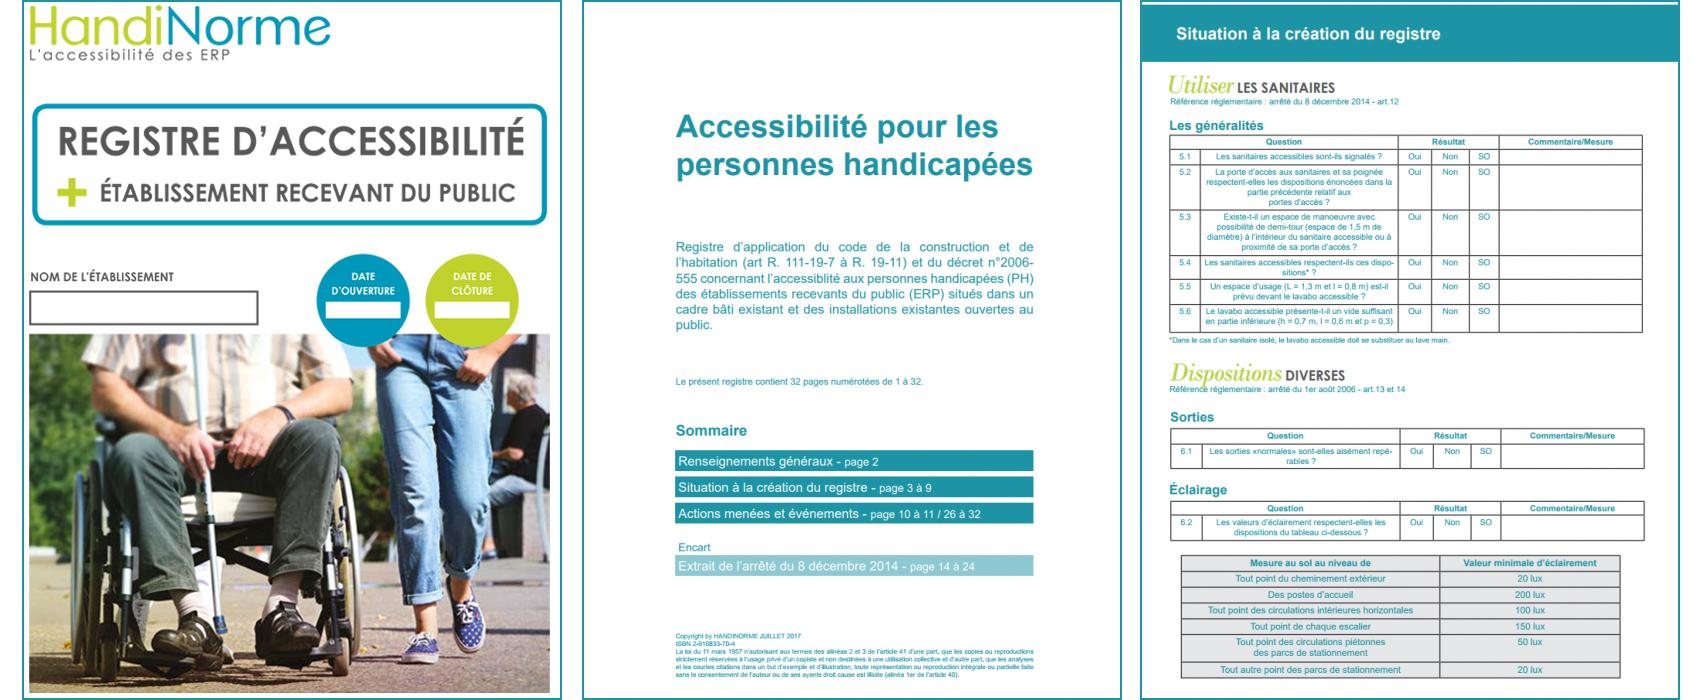 Registre d'accessibilité en format papier par Handinorme